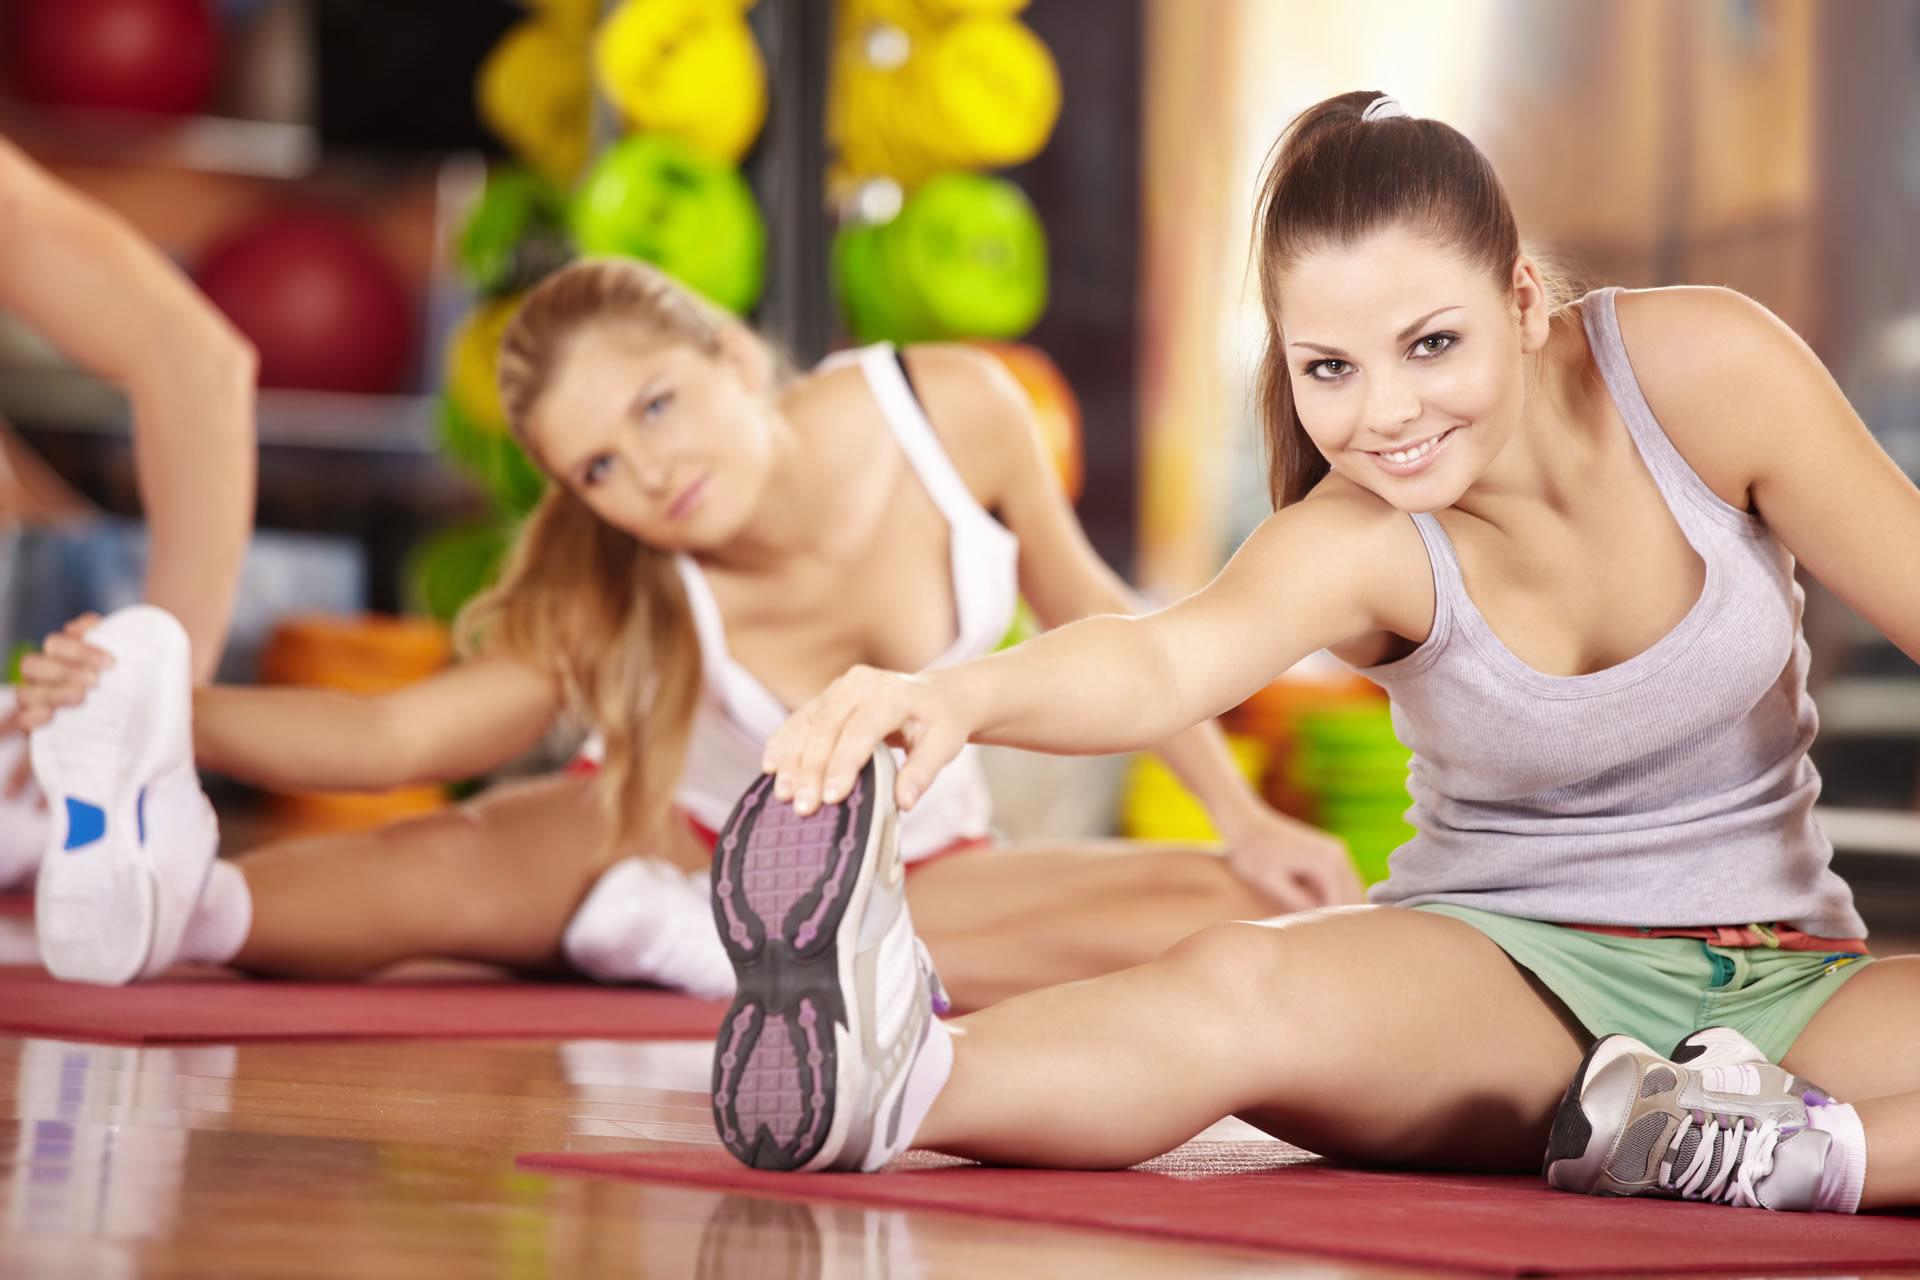 Paso cuanto baja de peso una persona sin comer una semana haces actividad